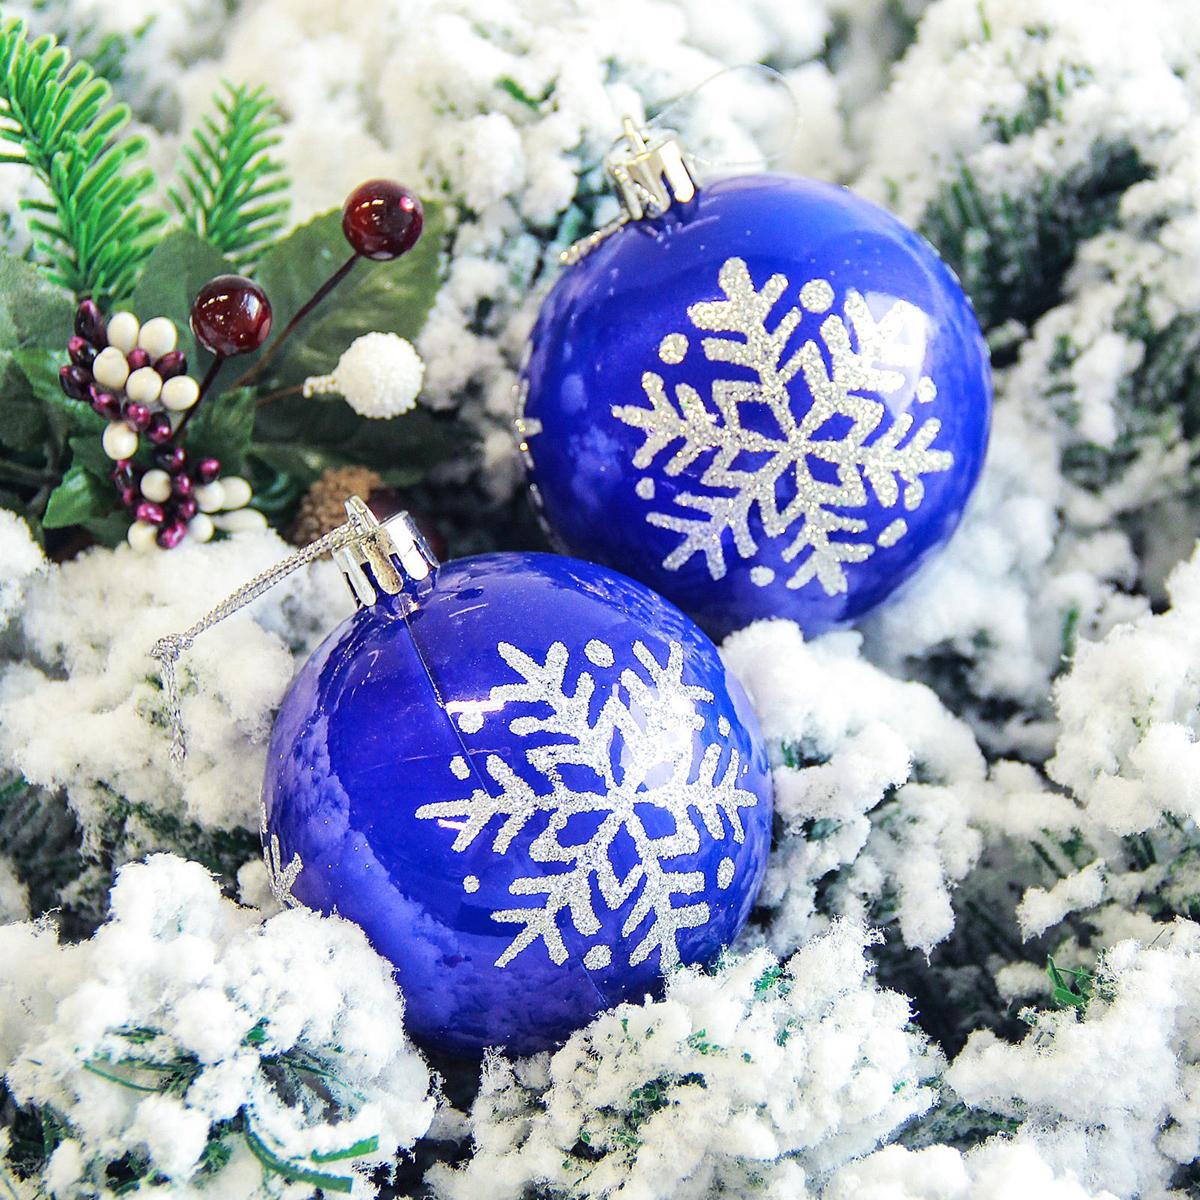 Набор новогодних подвесных украшений Sima-land Снежинка. Капель, цвет: синий, диаметр 7 см, 6 шт2178210Невозможно представить нашу жизнь без праздников! Мы всегда ждём их и предвкушаем, обдумываем, как проведём памятный день, тщательно выбираем подарки и аксессуары, ведь именно они создают и поддерживают торжественный настрой.